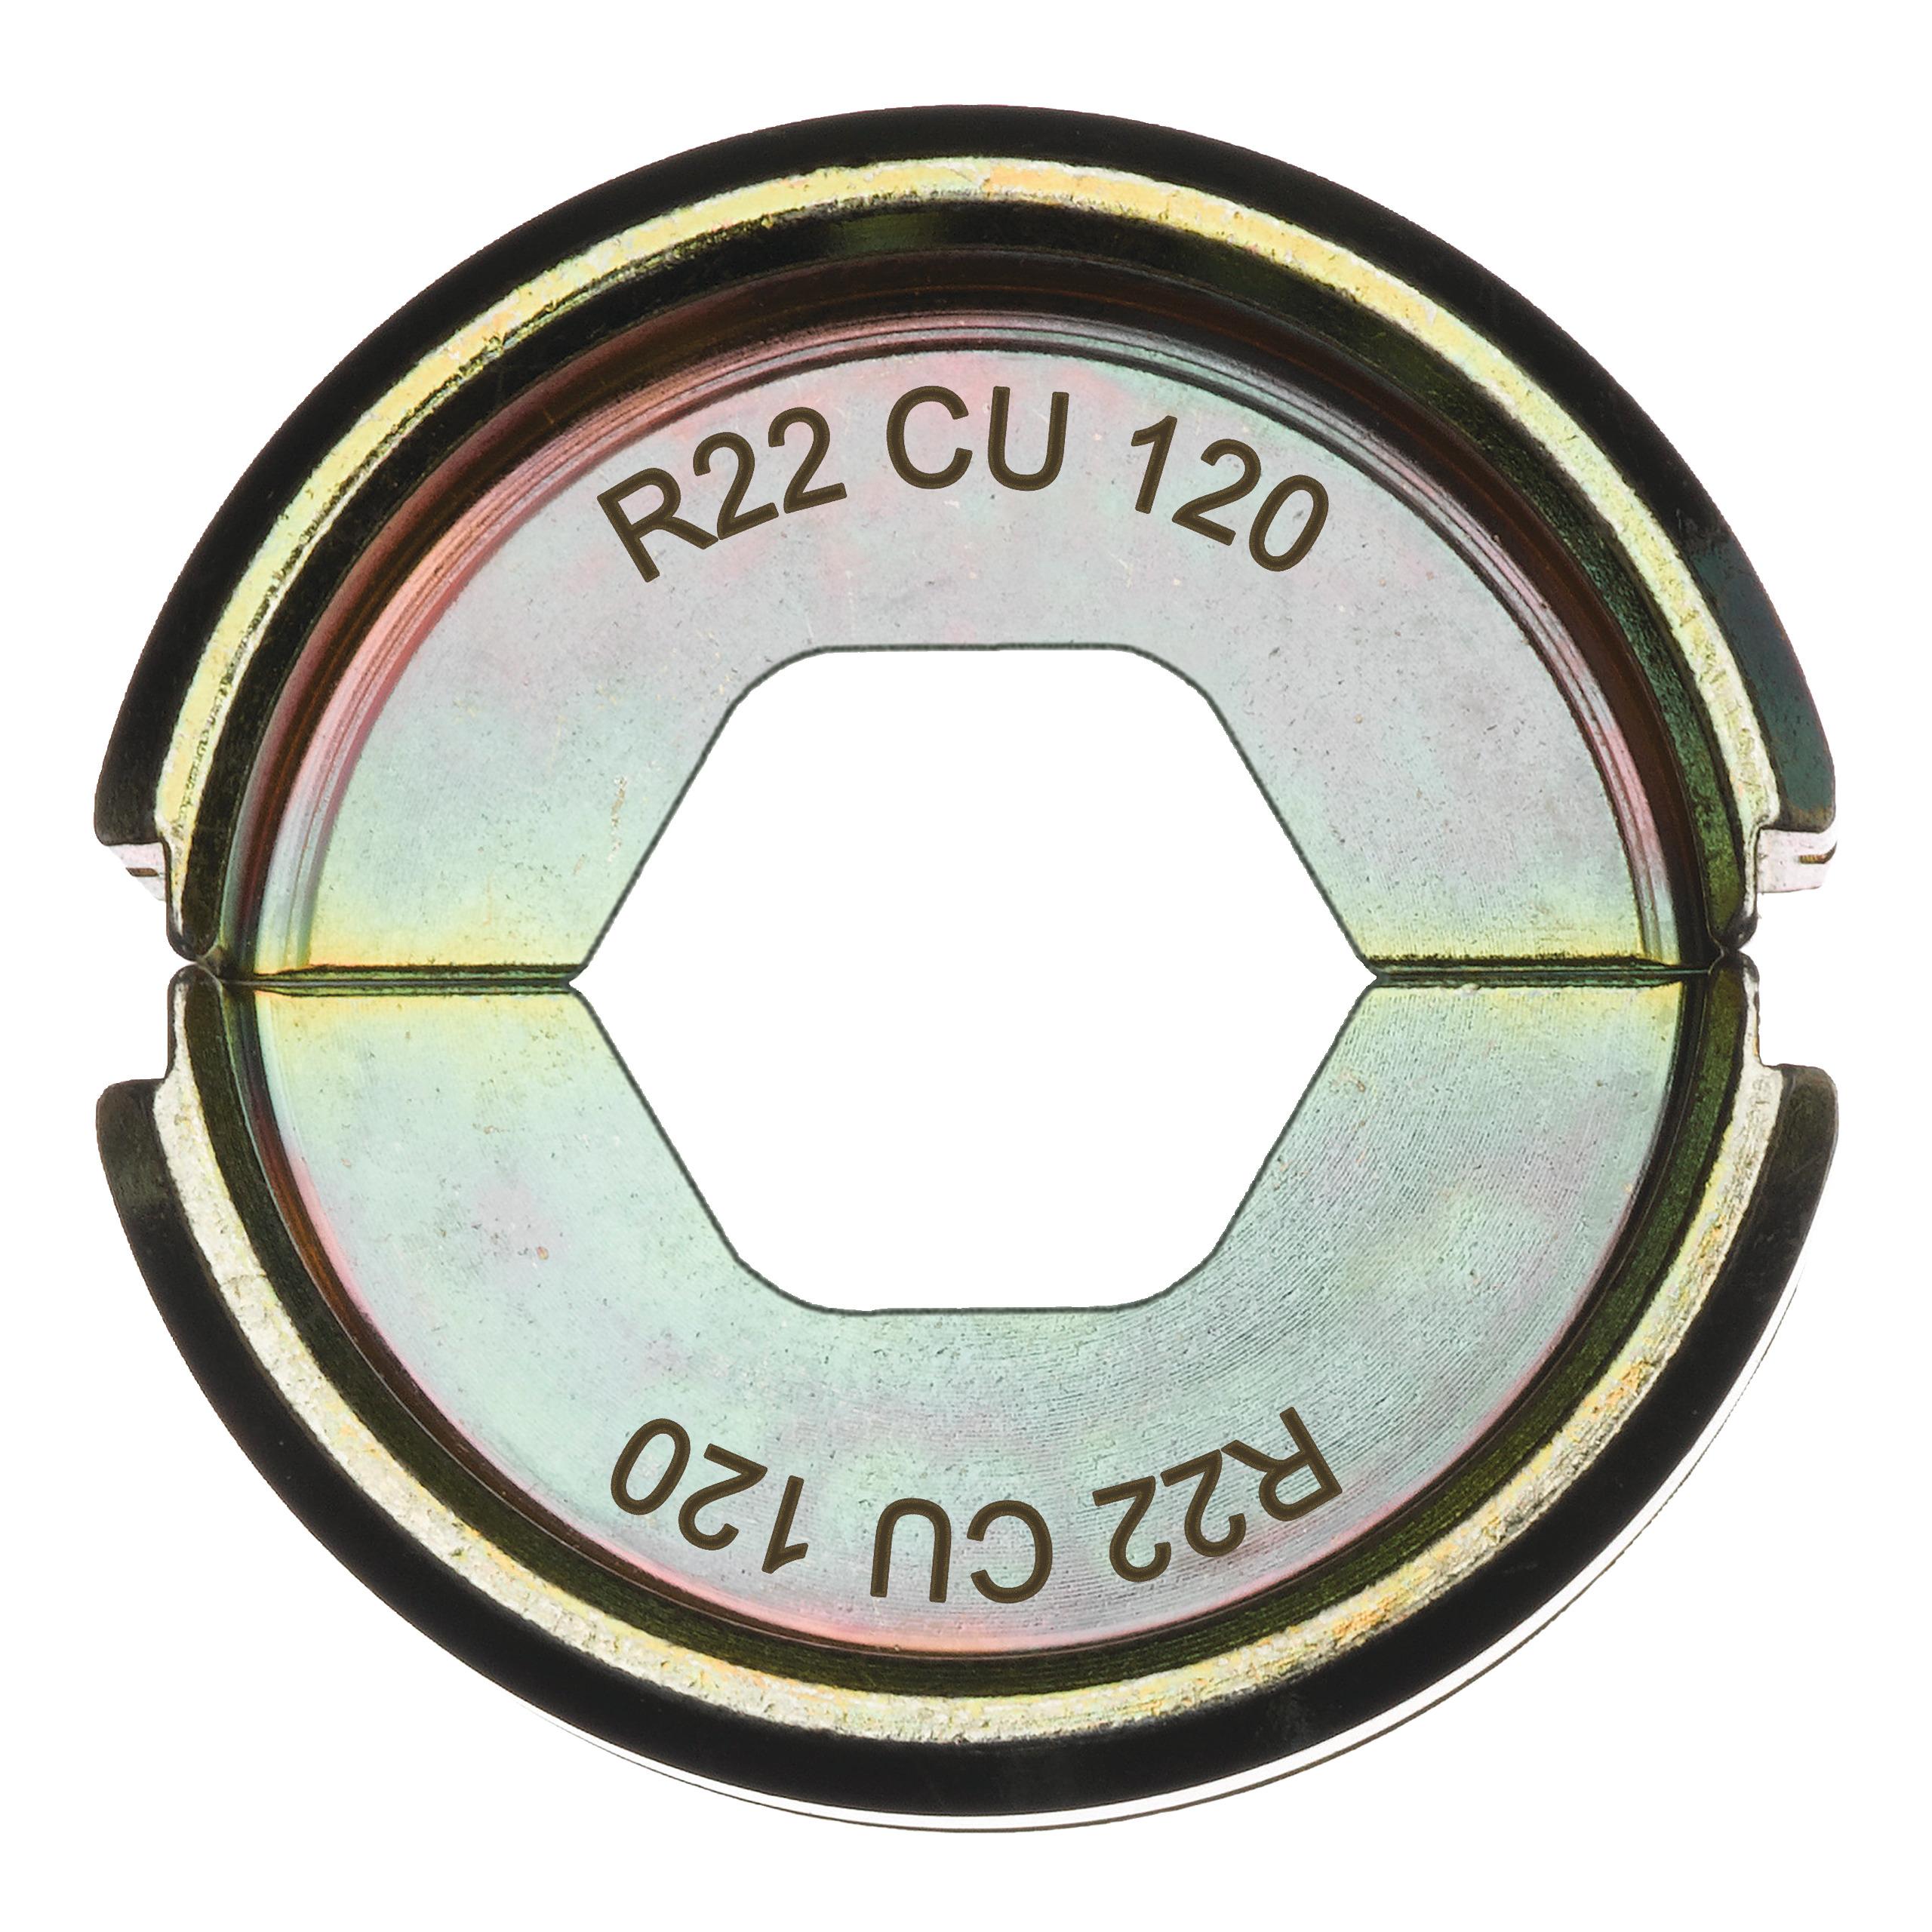 Krimpovací čelisti  R22 Cu 120